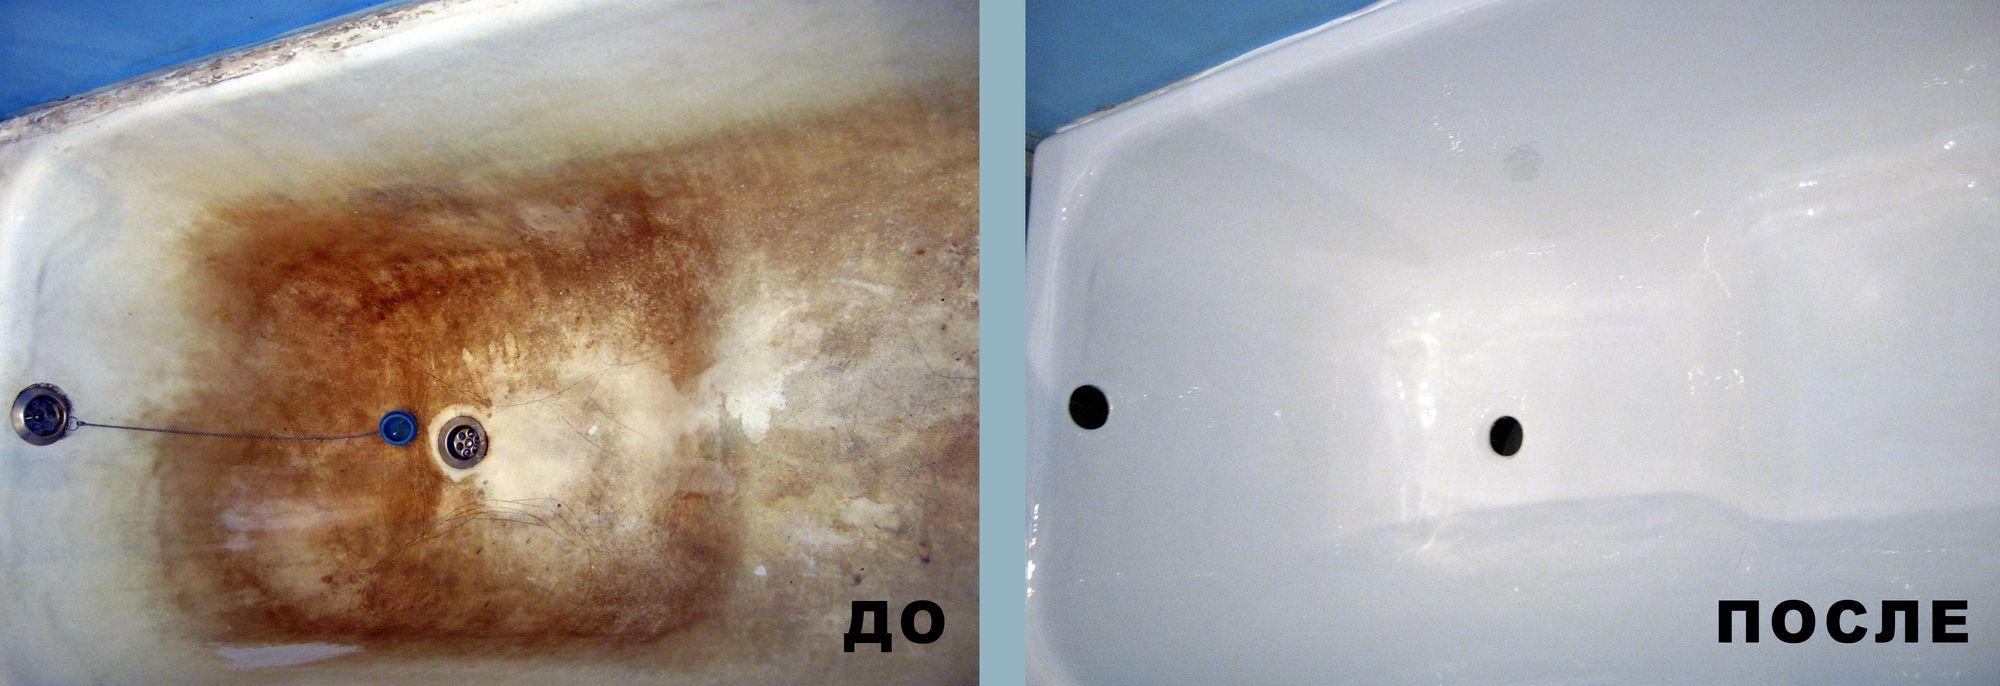 До и после - рестврация ванны